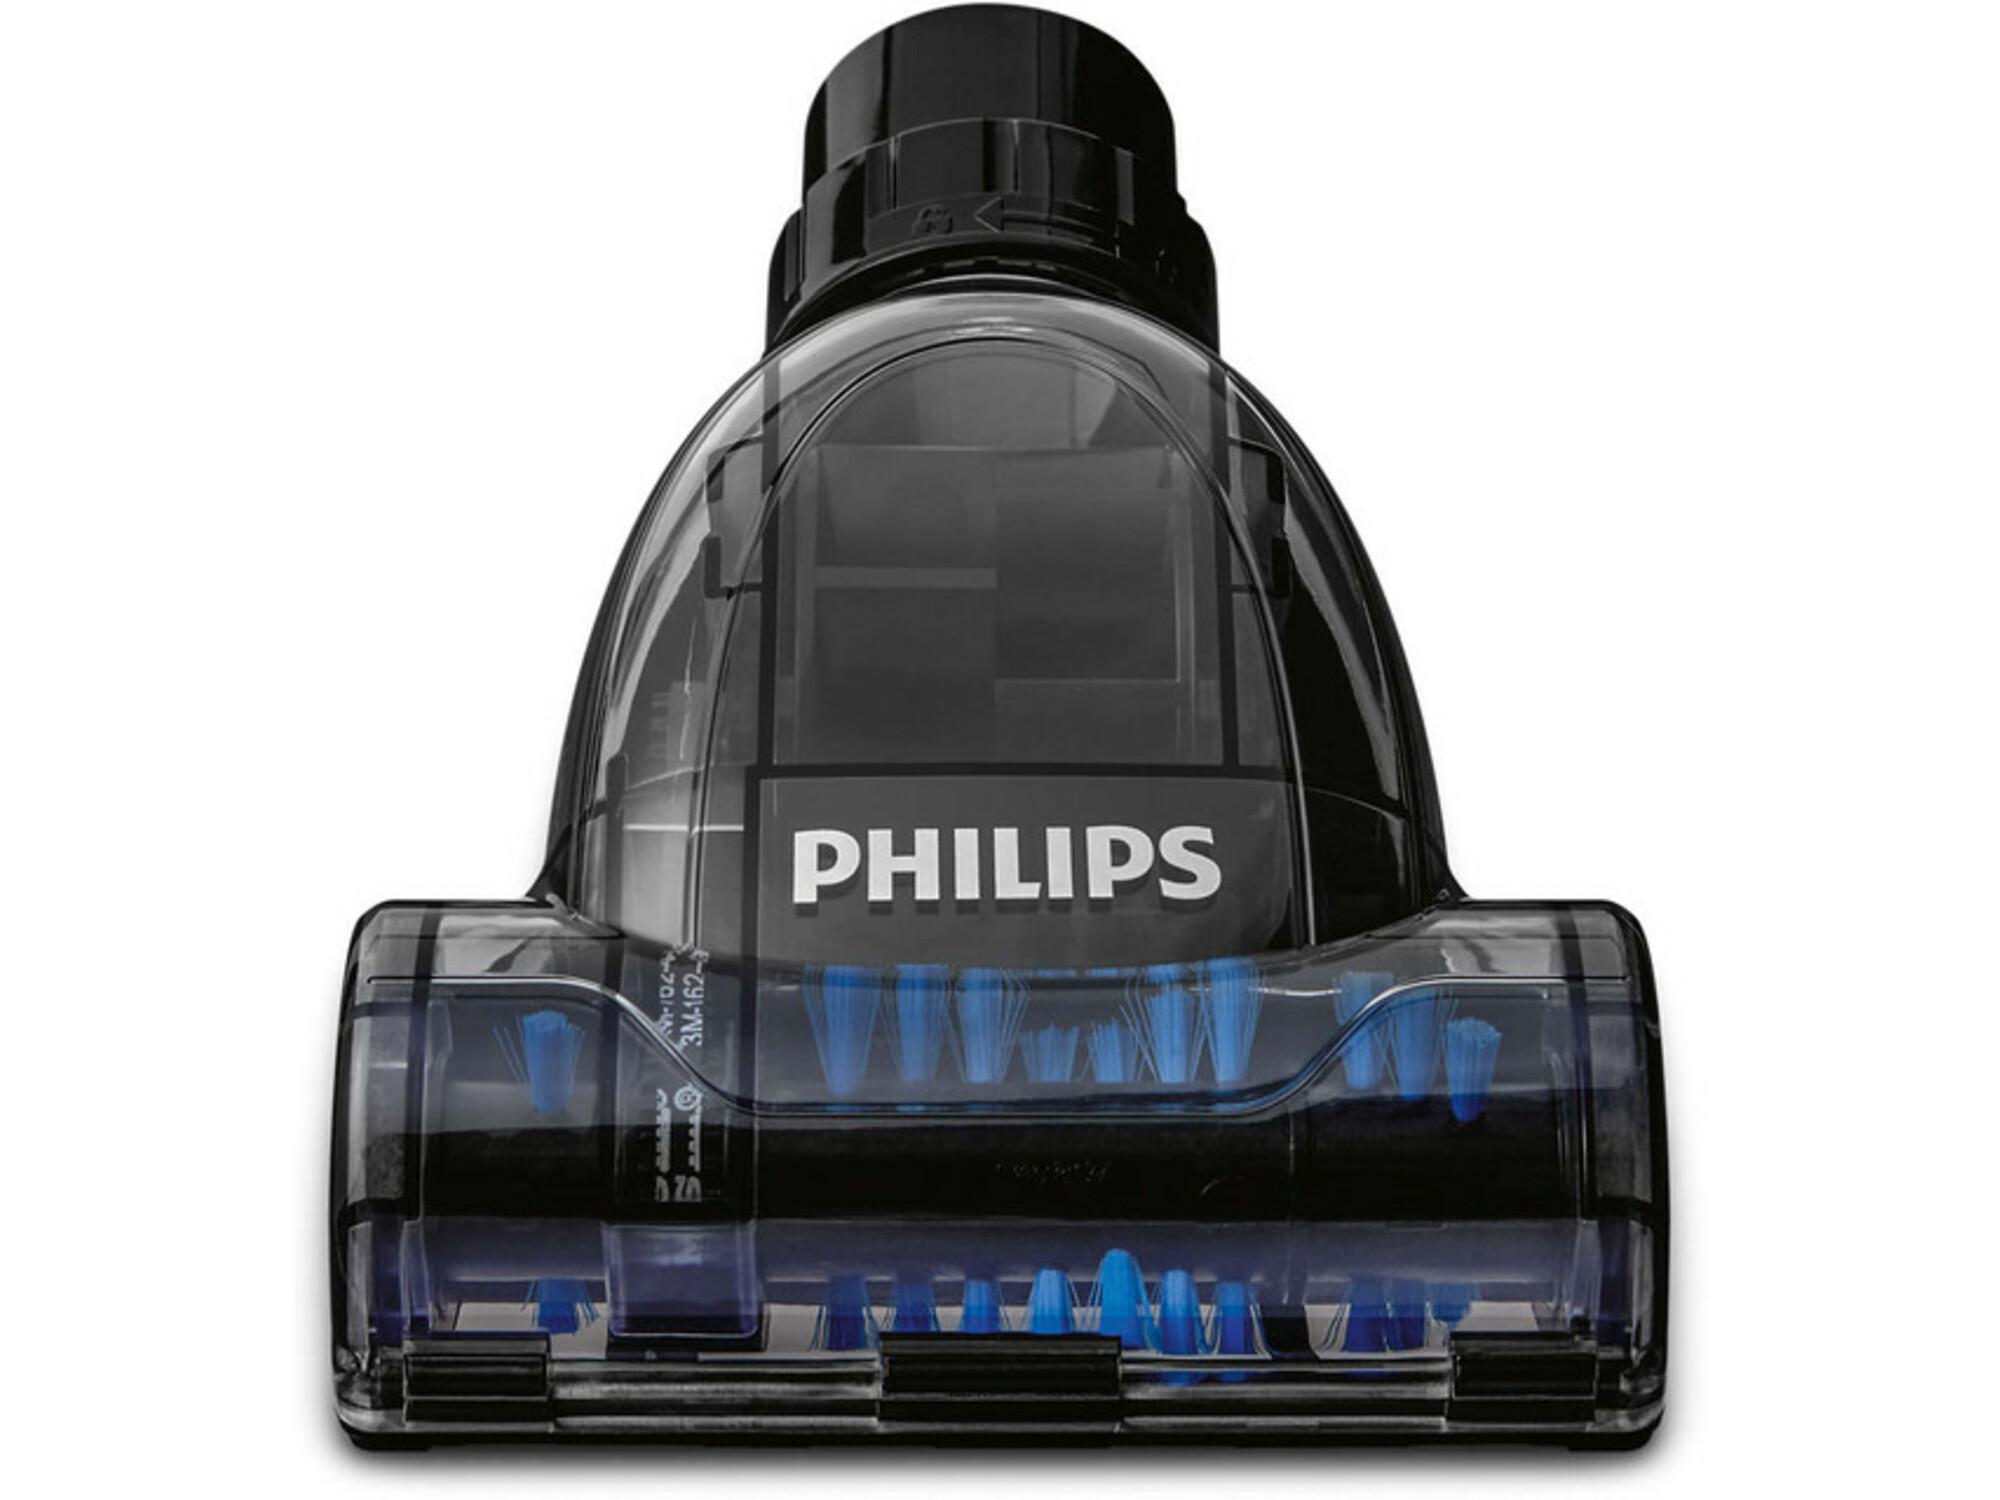 Philips Dodaci za punjivi štapni usisivač FC6075/01